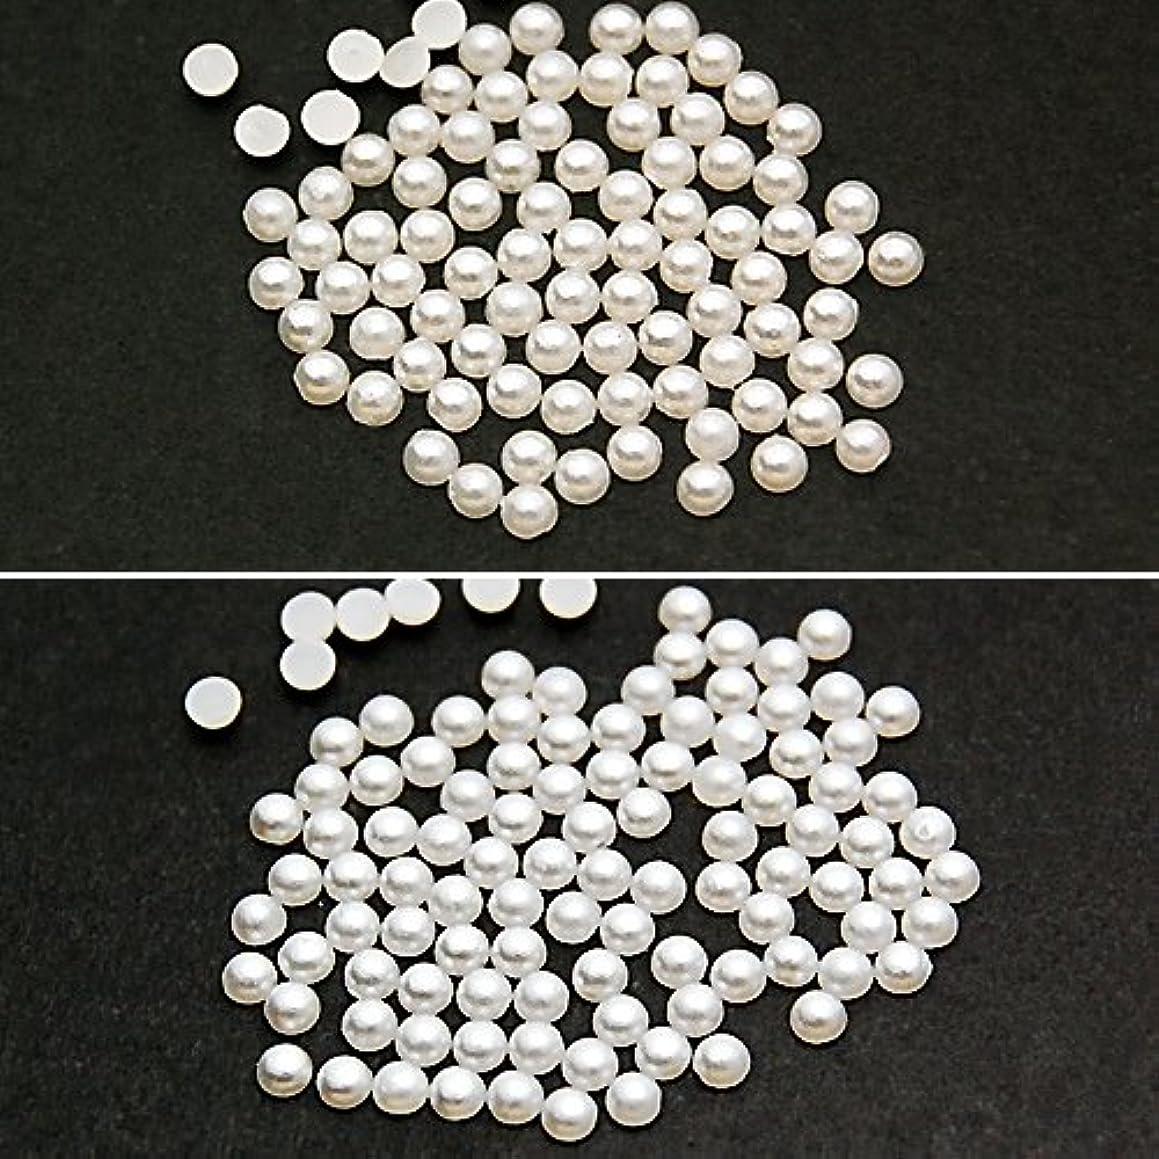 十分な雪のバーベキューパールストーン 丸半2mm 800粒 ホワイト